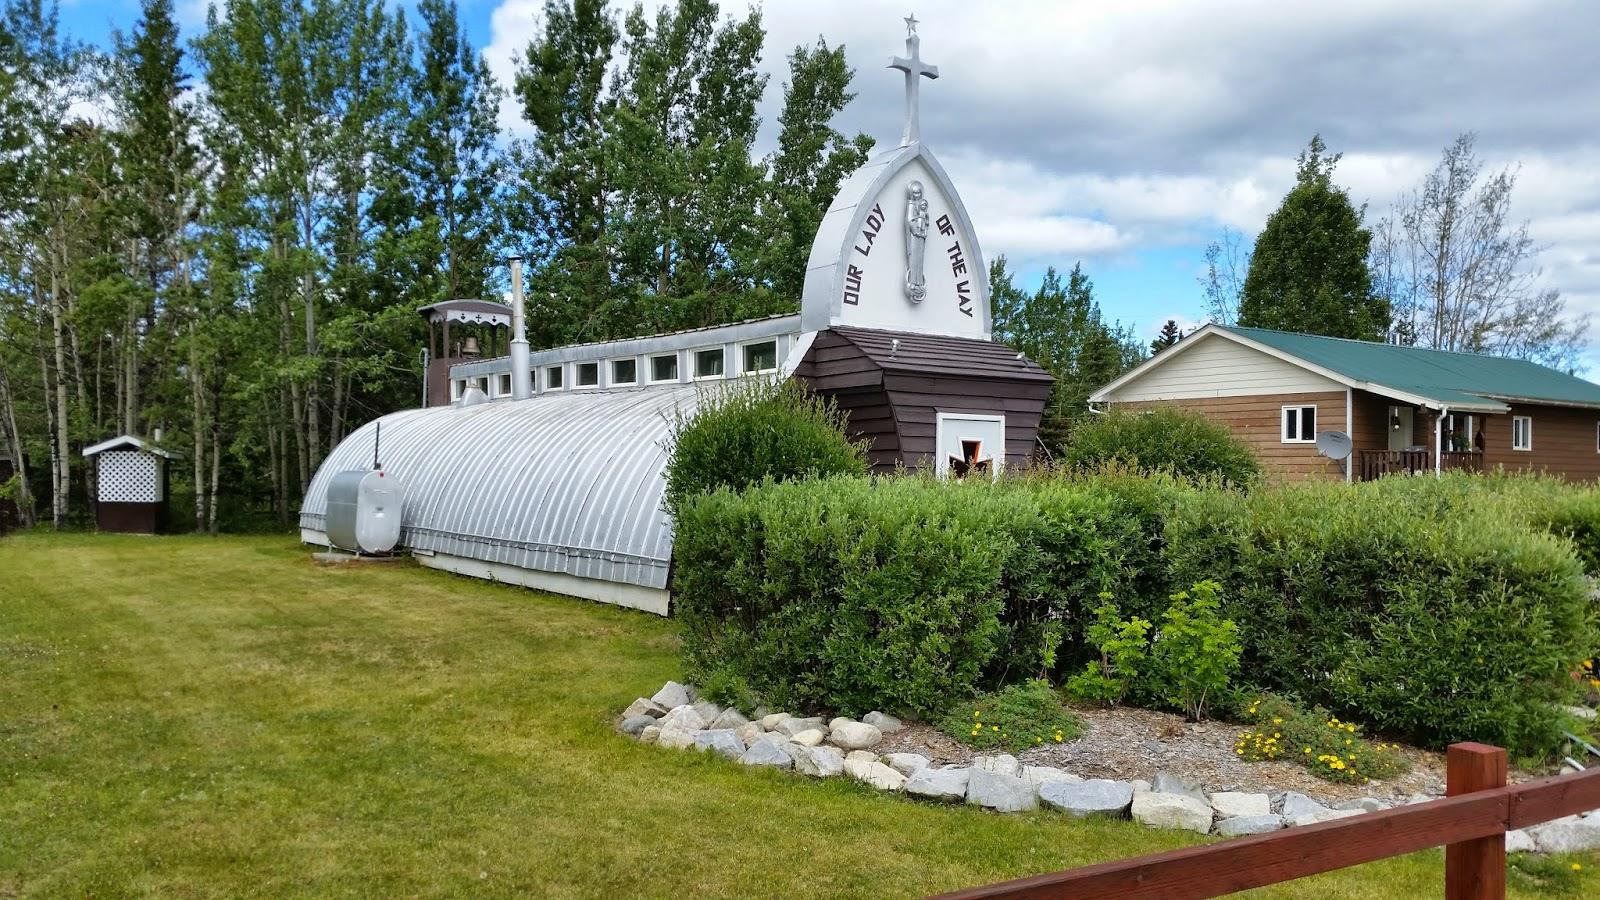 Alaska Dream Home - 20140701_120133_Most Inspiring Alaska Dream Home - 20140701_120133  Pic_974186.jpg